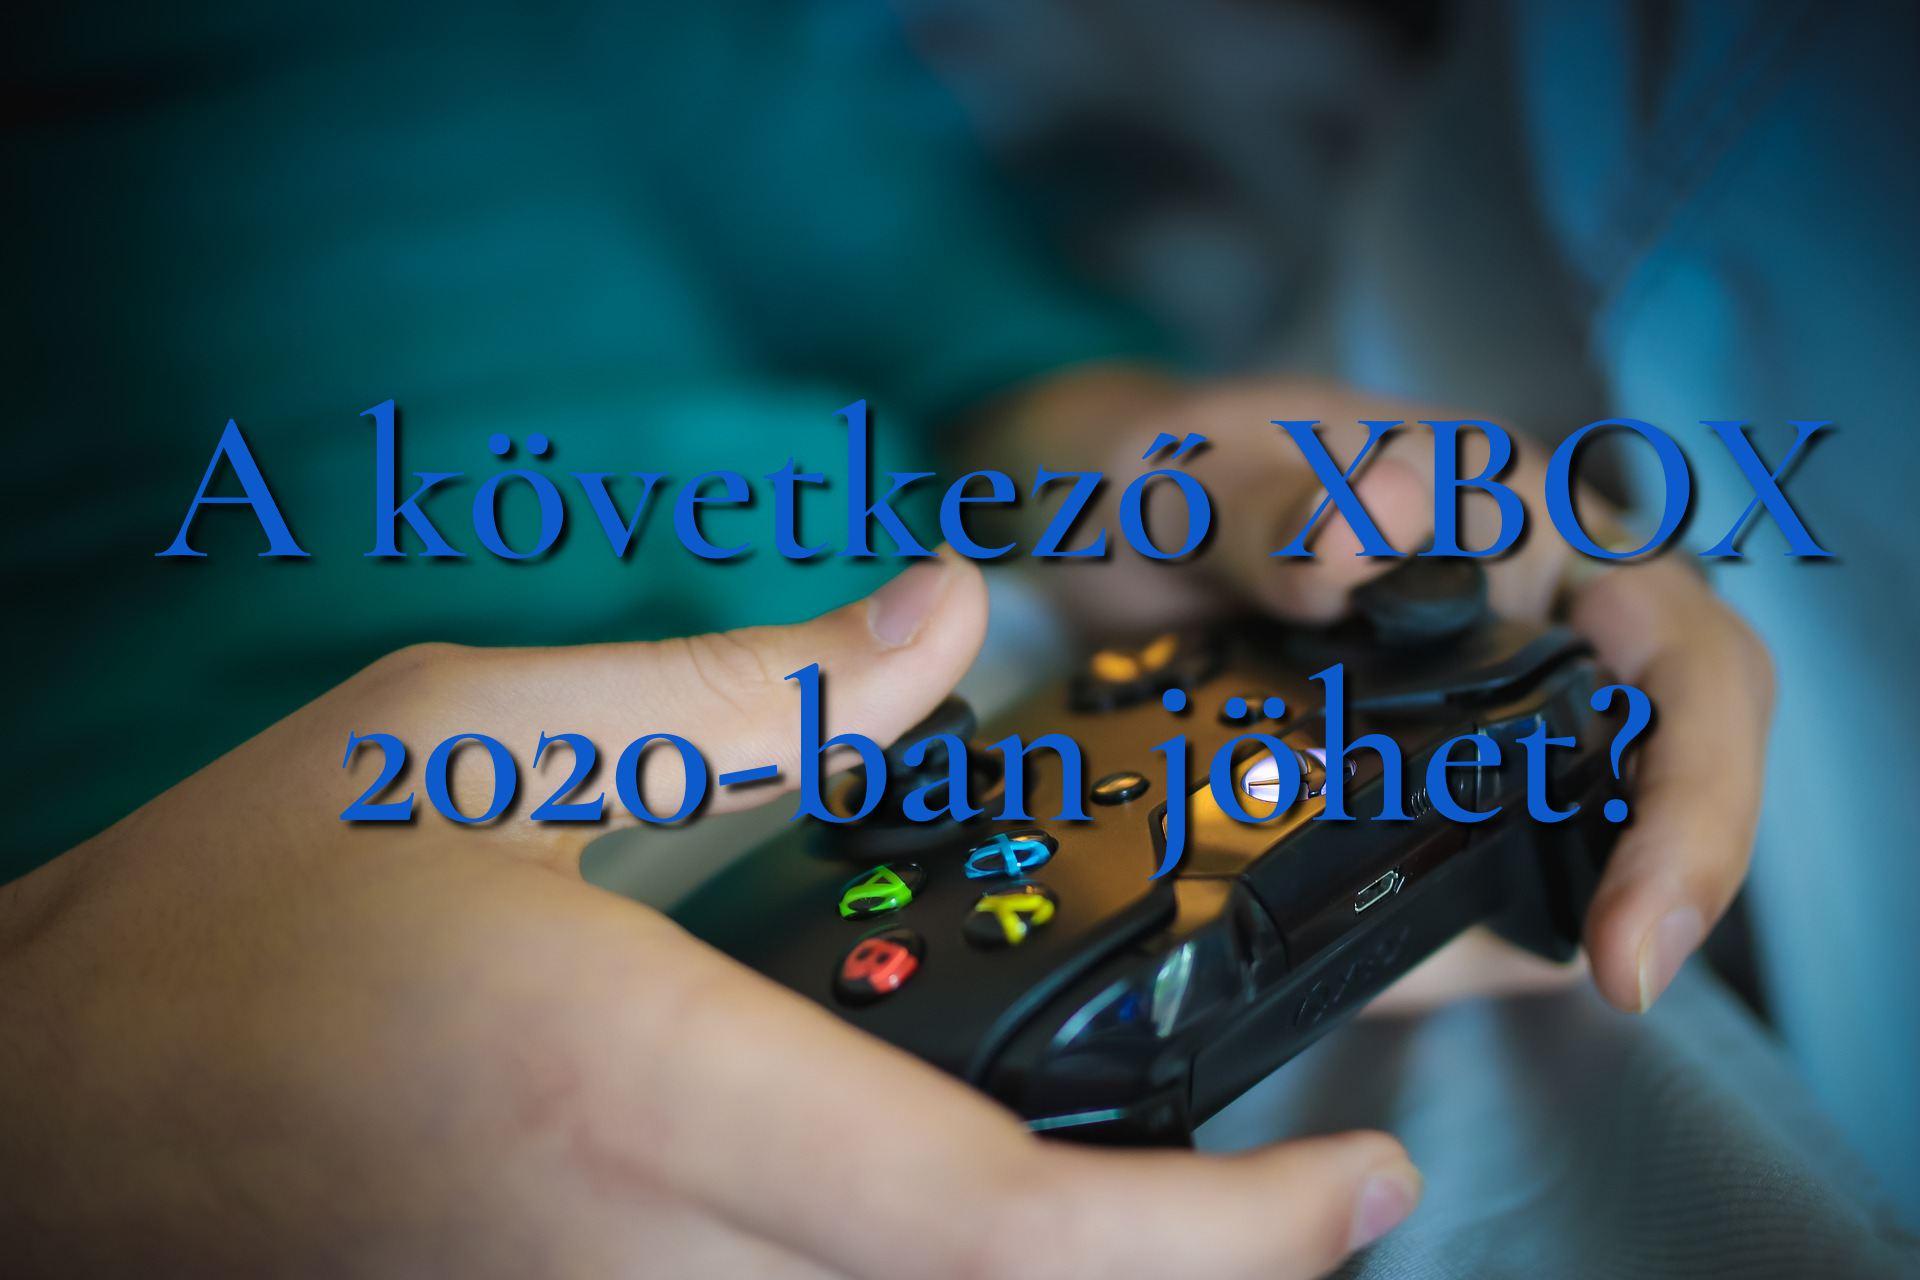 A következő XBOX 2020 -ban jöhet?